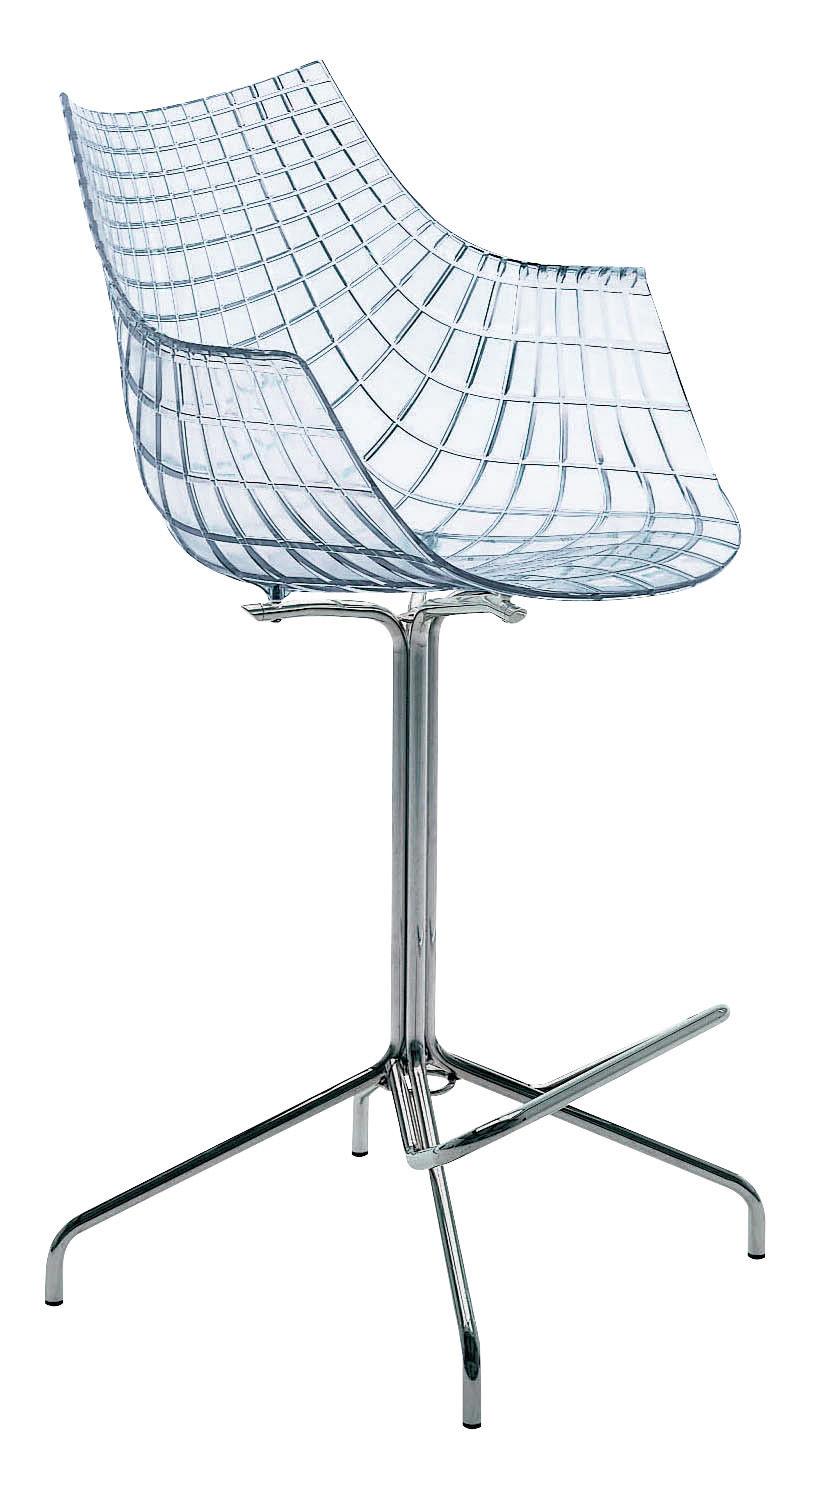 Chaise de bar meridiana h 65 cm polycarbonate for Chaise 65 cm design